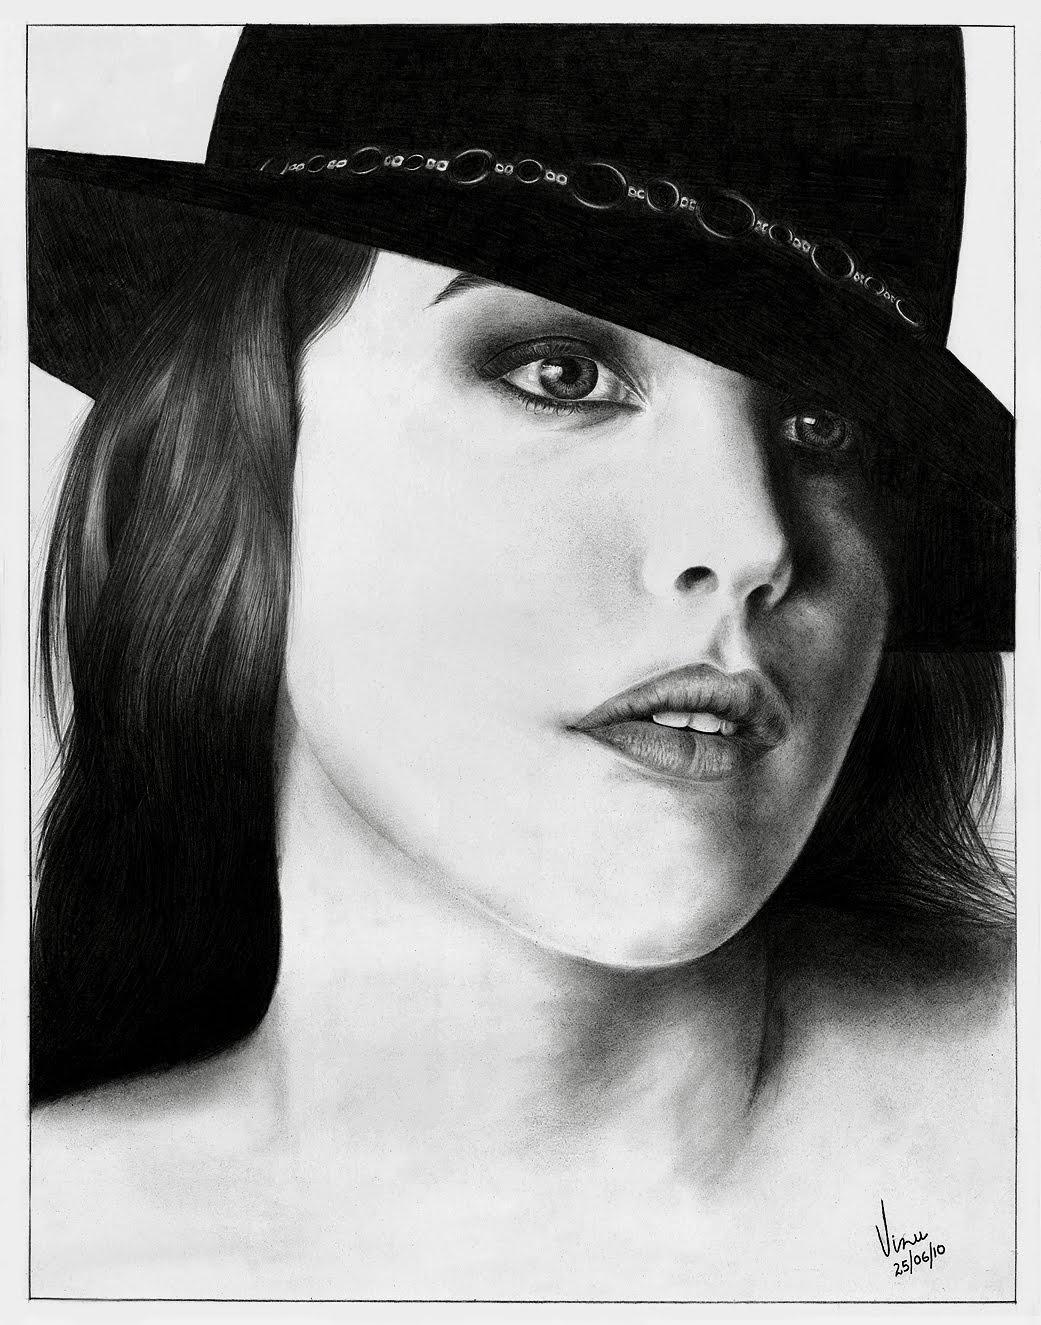 http://4.bp.blogspot.com/_9lUczIbOrv8/TCTF8F2B8XI/AAAAAAAAAXQ/VMHlSH-rifQ/s1600/liv+tyler+drawing.jpg